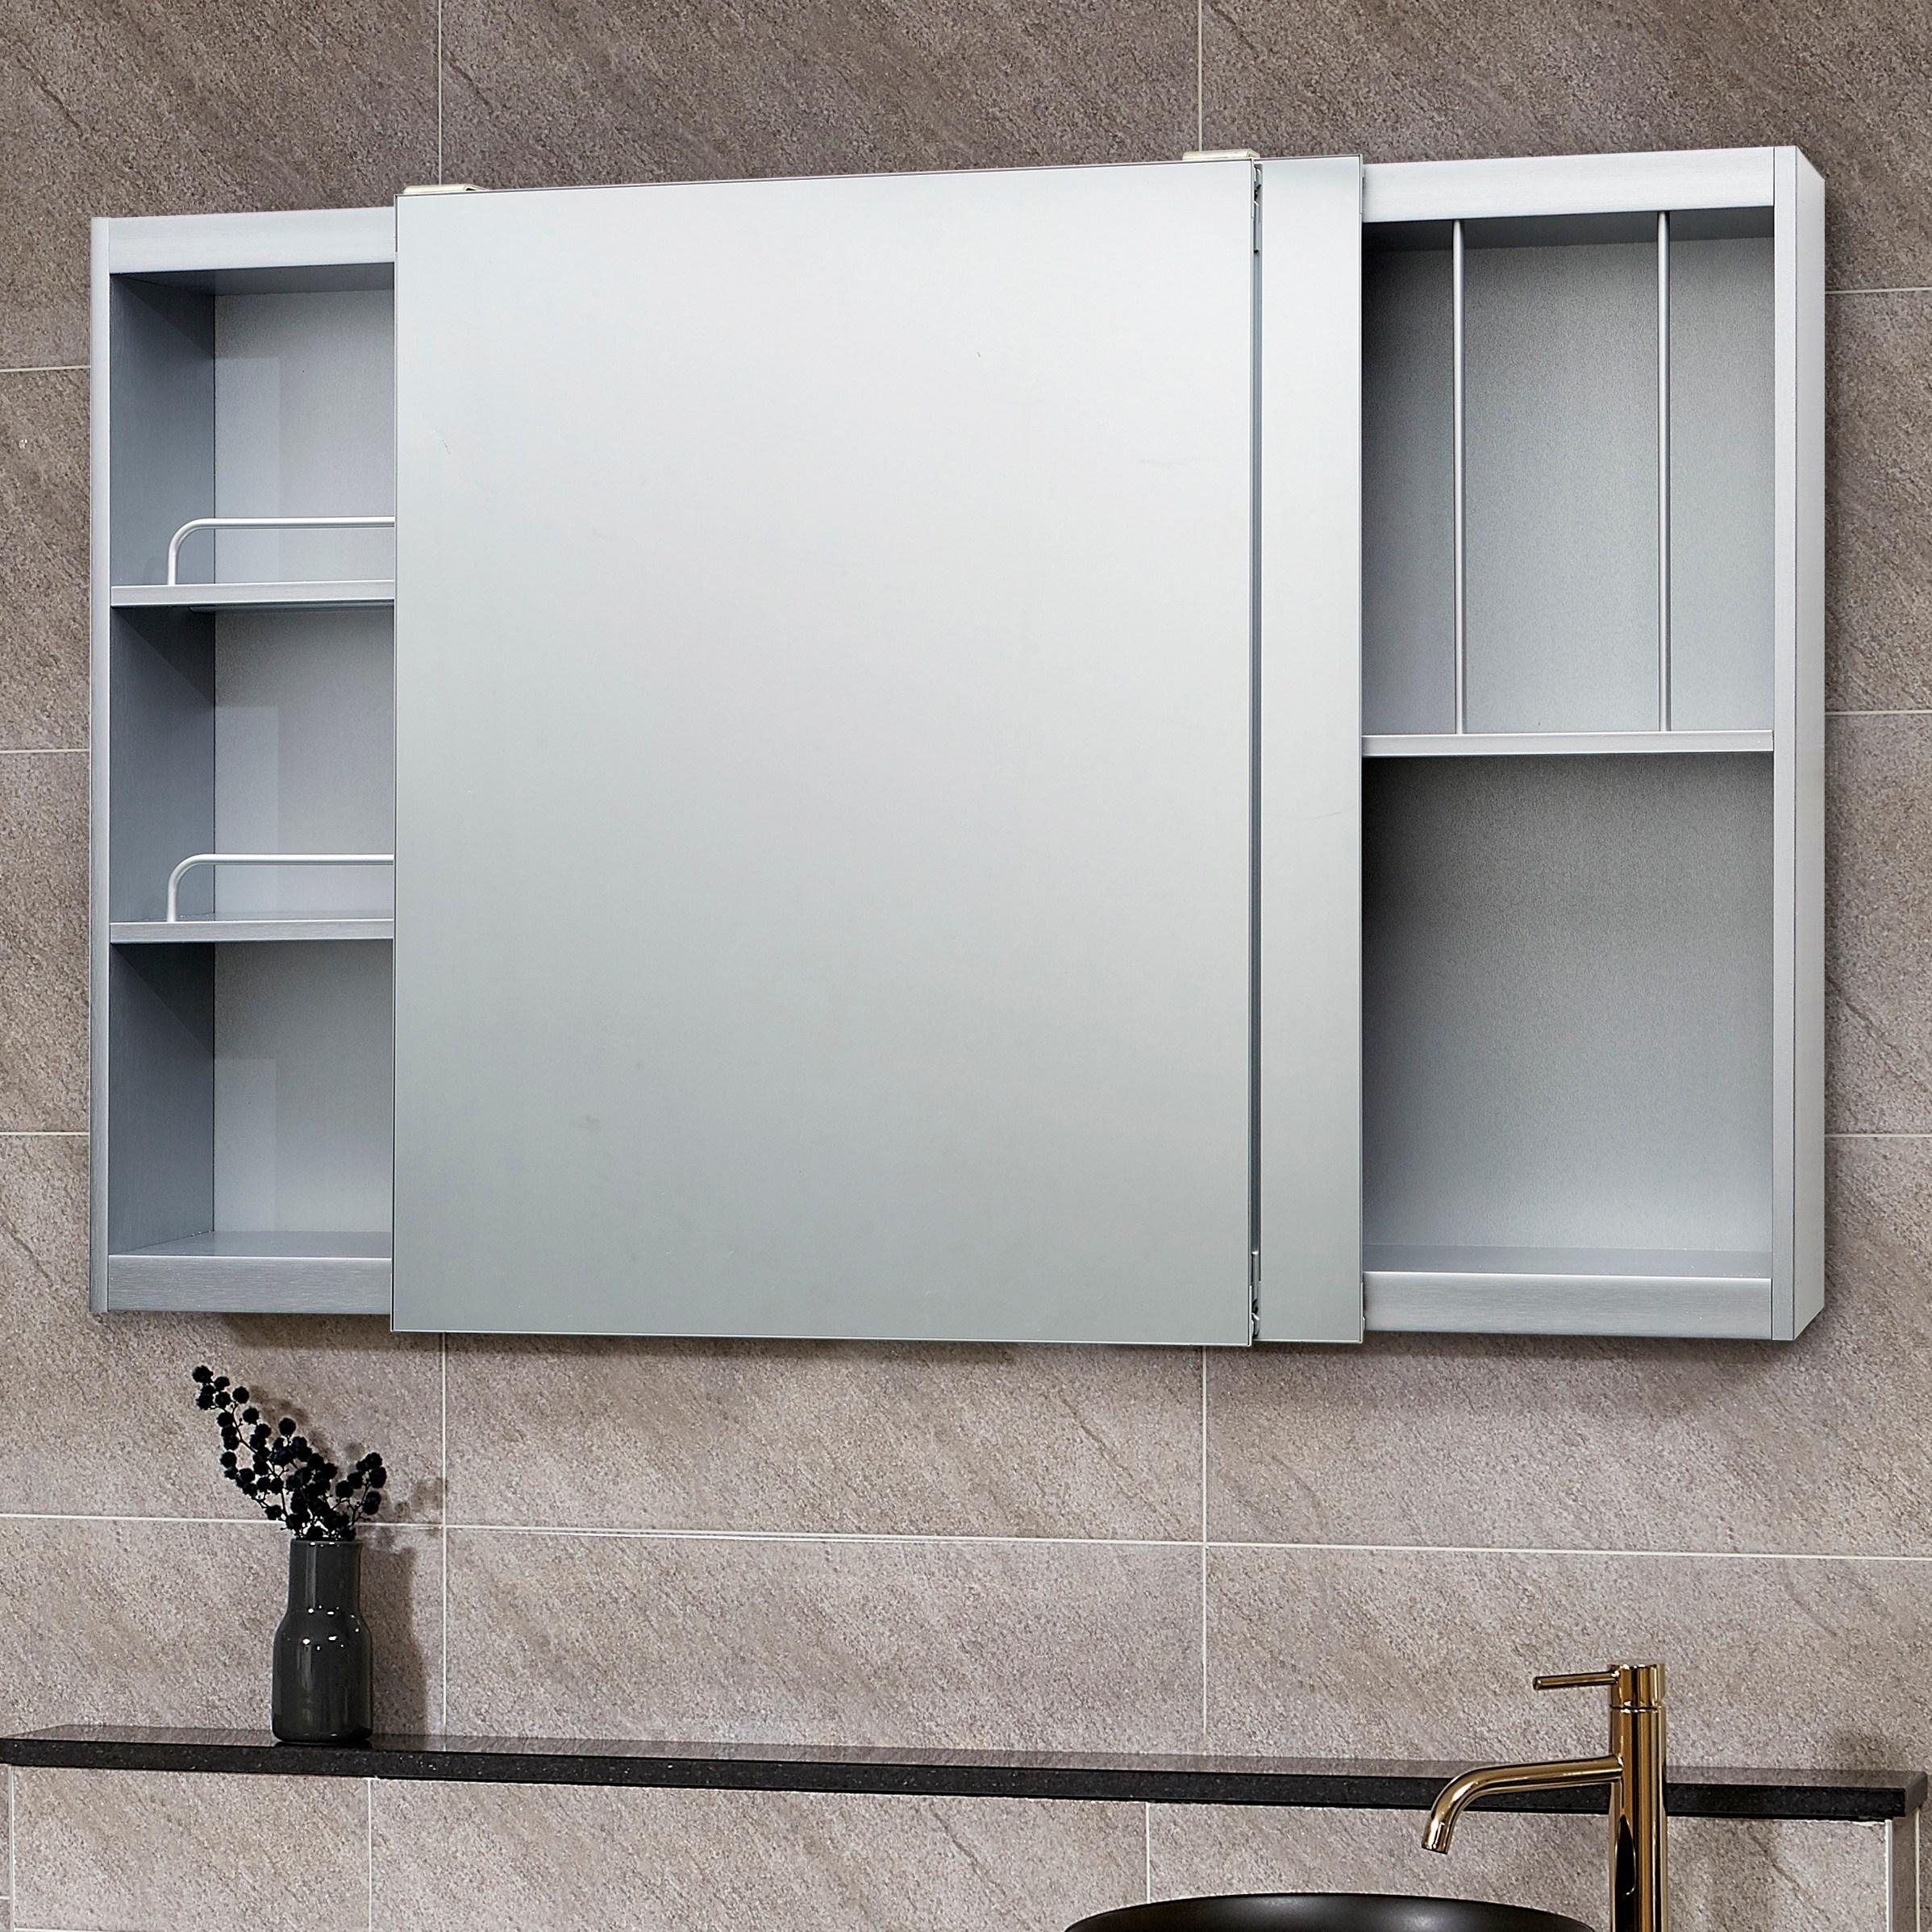 모카 전면 거울 슬라이드 도어 욕실 수납장(1200X800), 실버, 1개